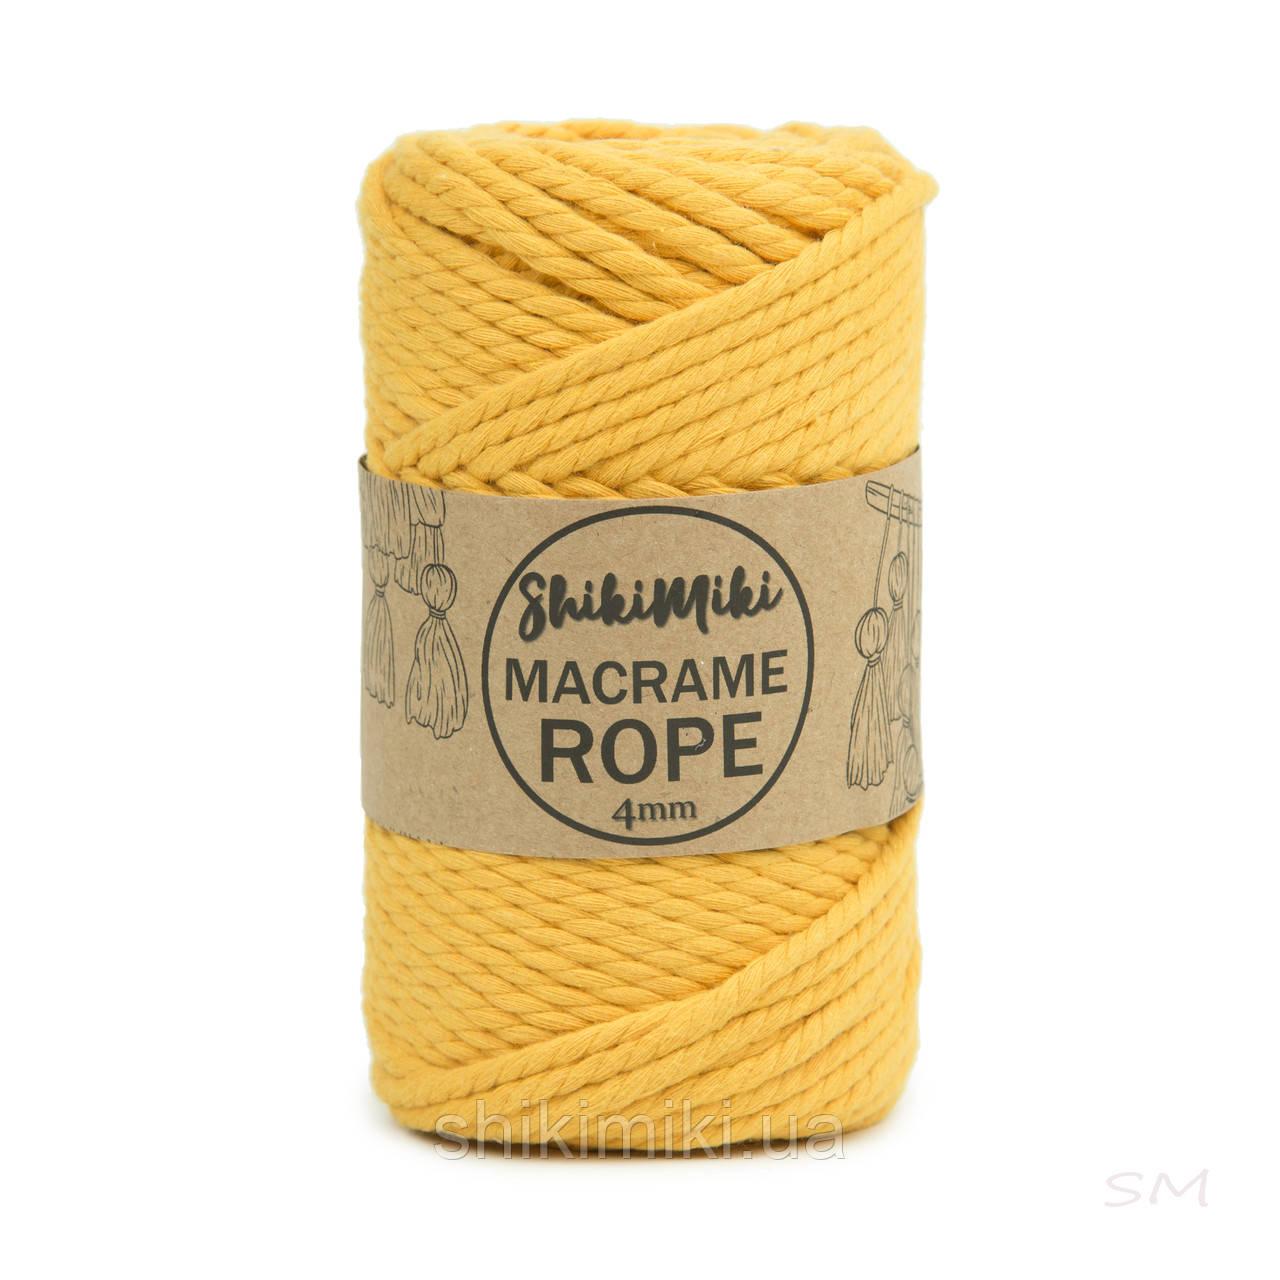 Эко шнур Macrame Rope 4mm, цвет Светлая горчица